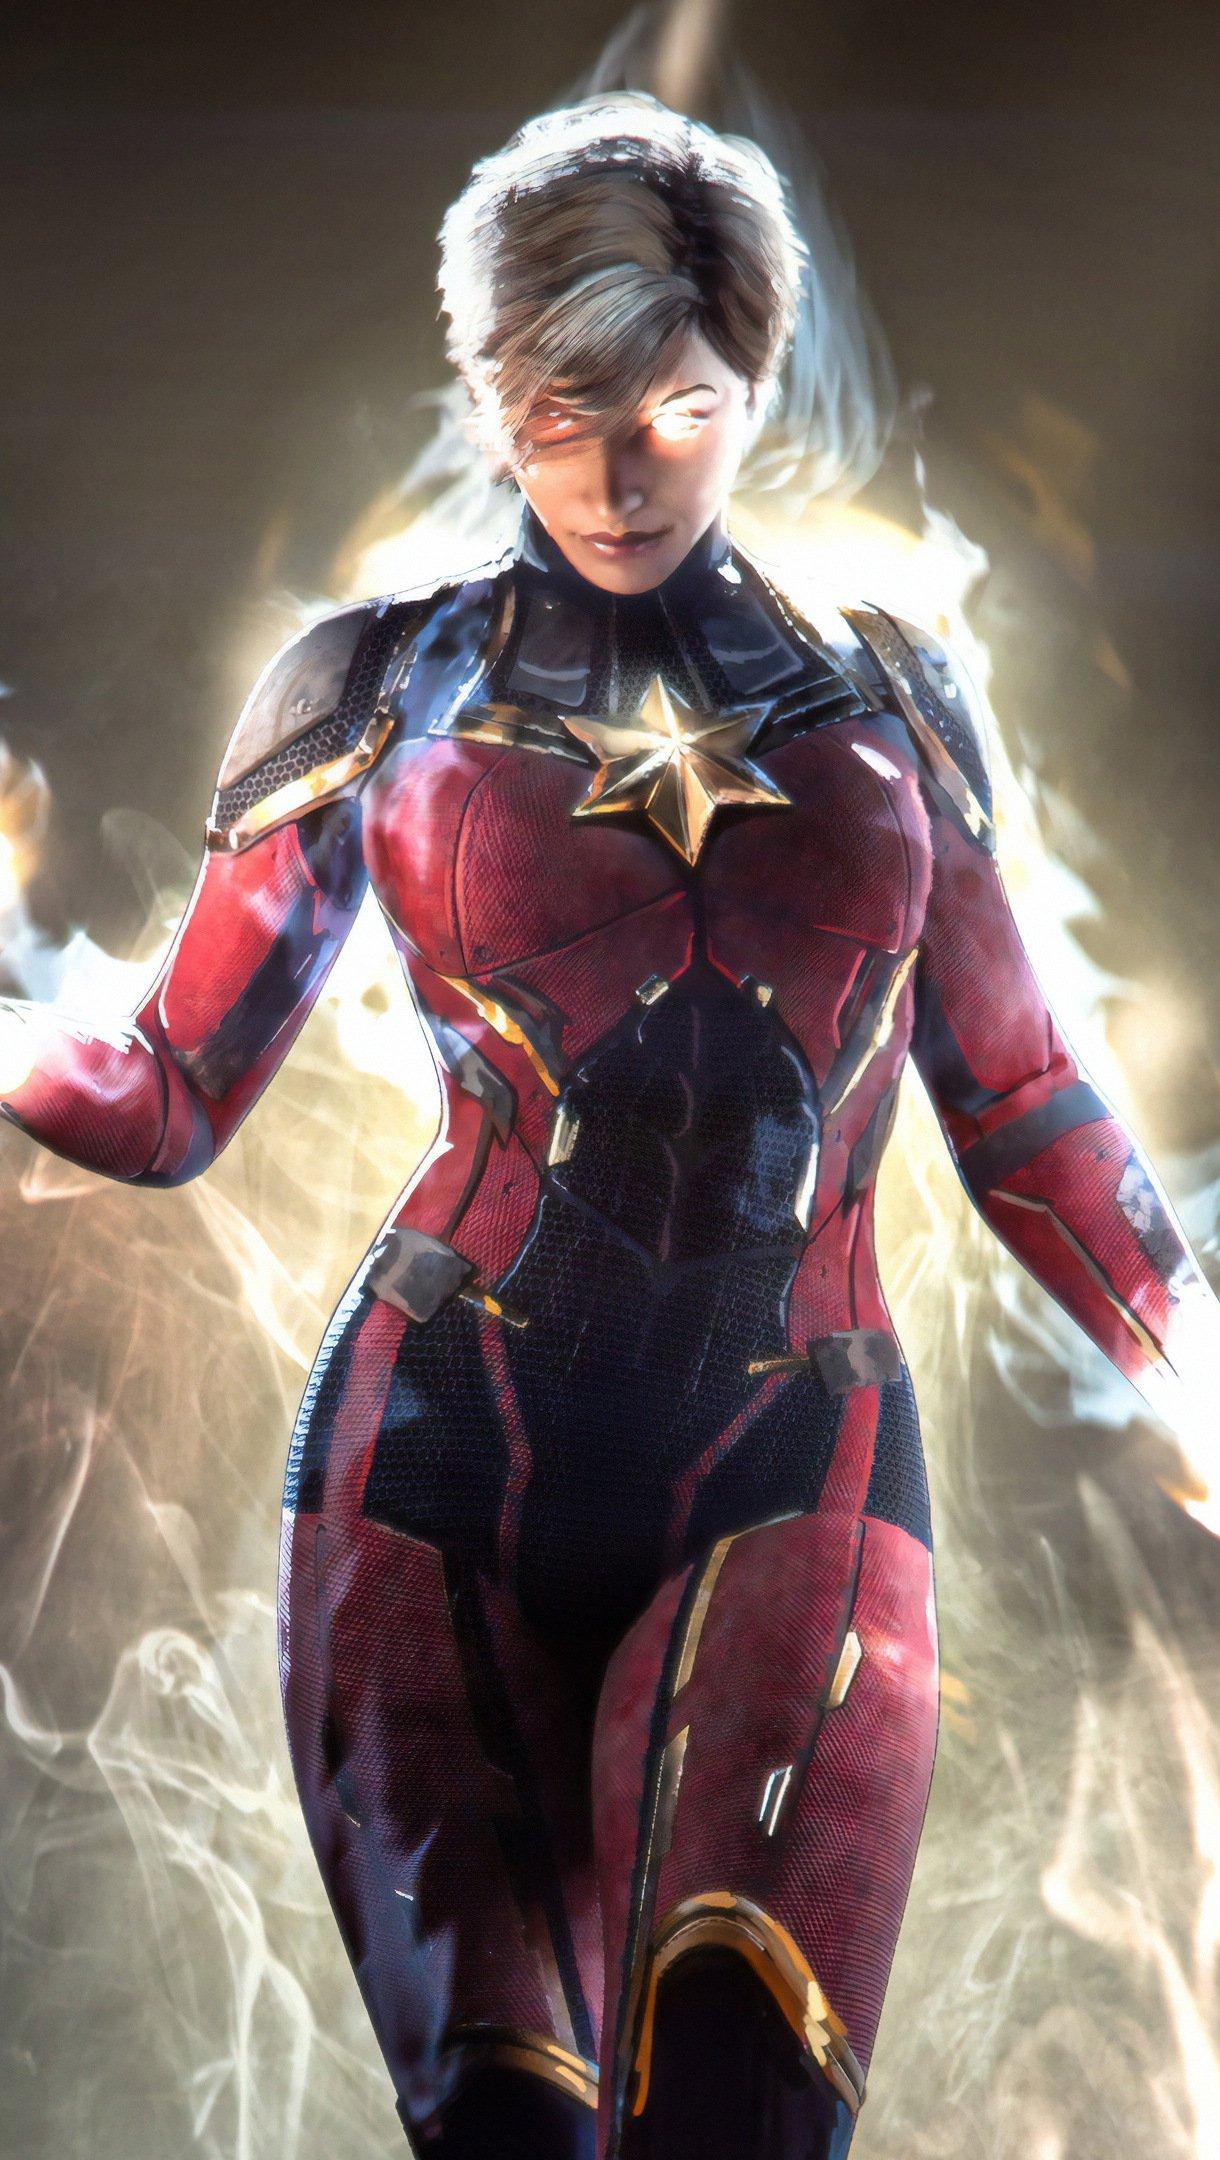 Fondos de pantalla Capitana Marvel en fuego Vertical